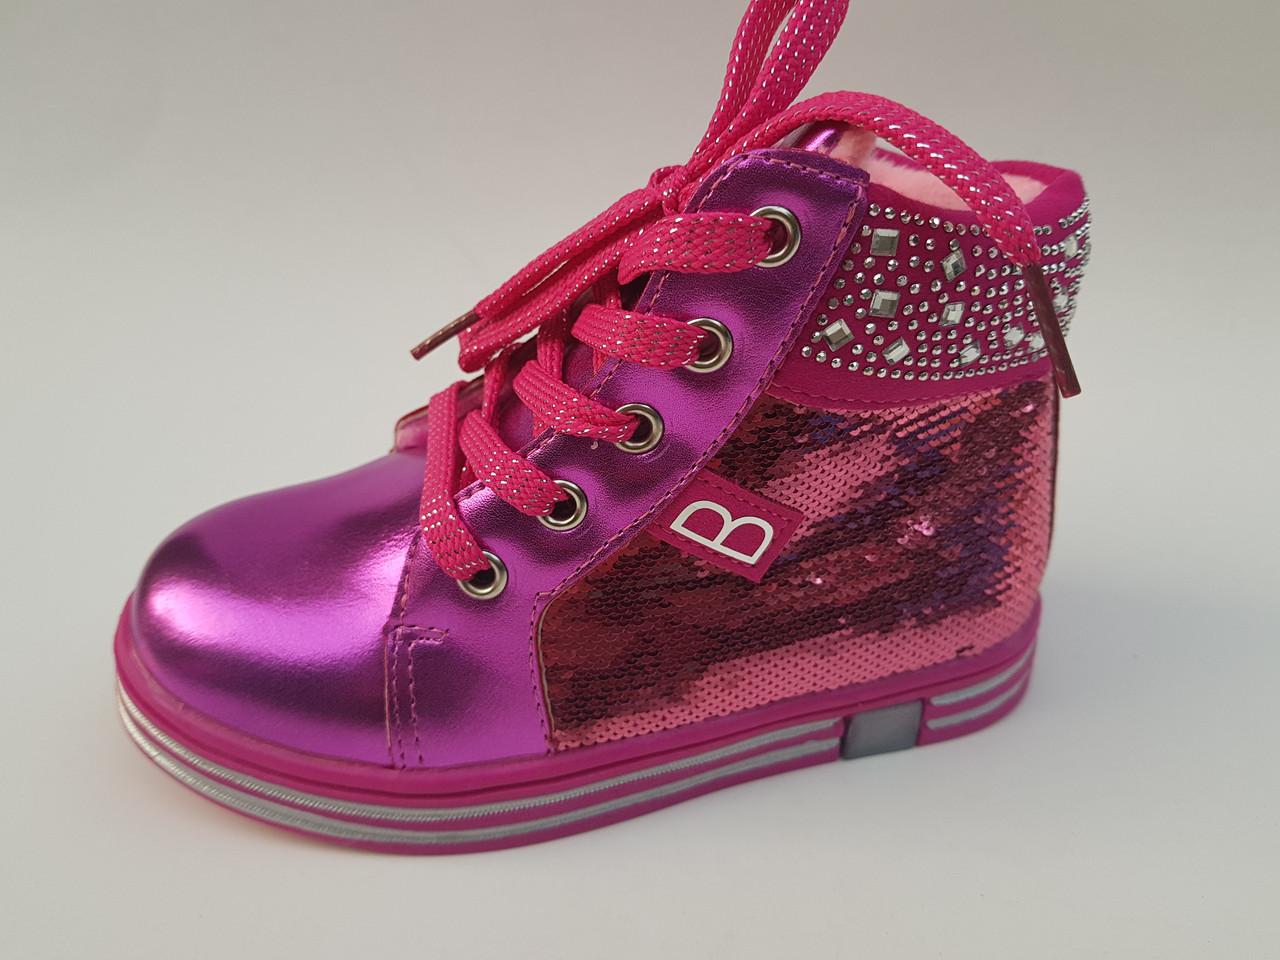 d288aff33 Перламутровые весенние ботинки для девочки 27 - 32 размеры - KINDERTORG в  Днепре